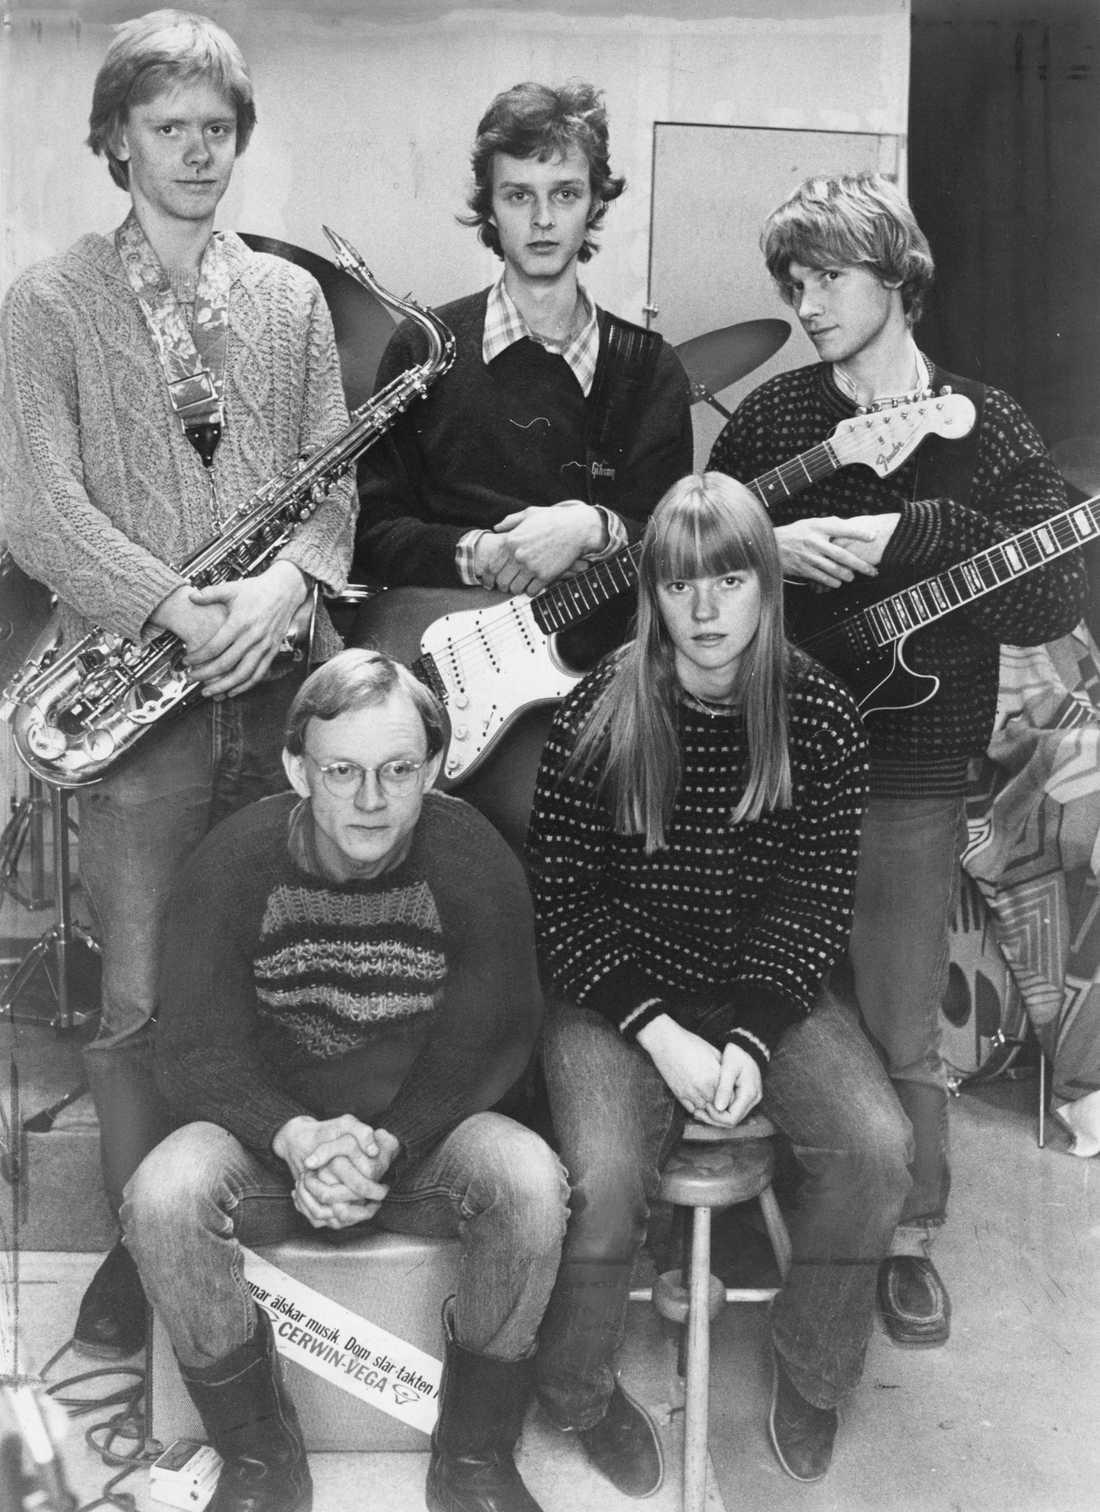 Lolita Pop i november 1980. Stående från vänster: Per Eriksson (i dag Ståhlberg, först saxofon och senare trummor), Benkt Svensson (i dag Söderberg, gitarr), Sten Booberg (gitarr). Sittande: Thomas Johansson (bas), Karin Wistrand (sång).